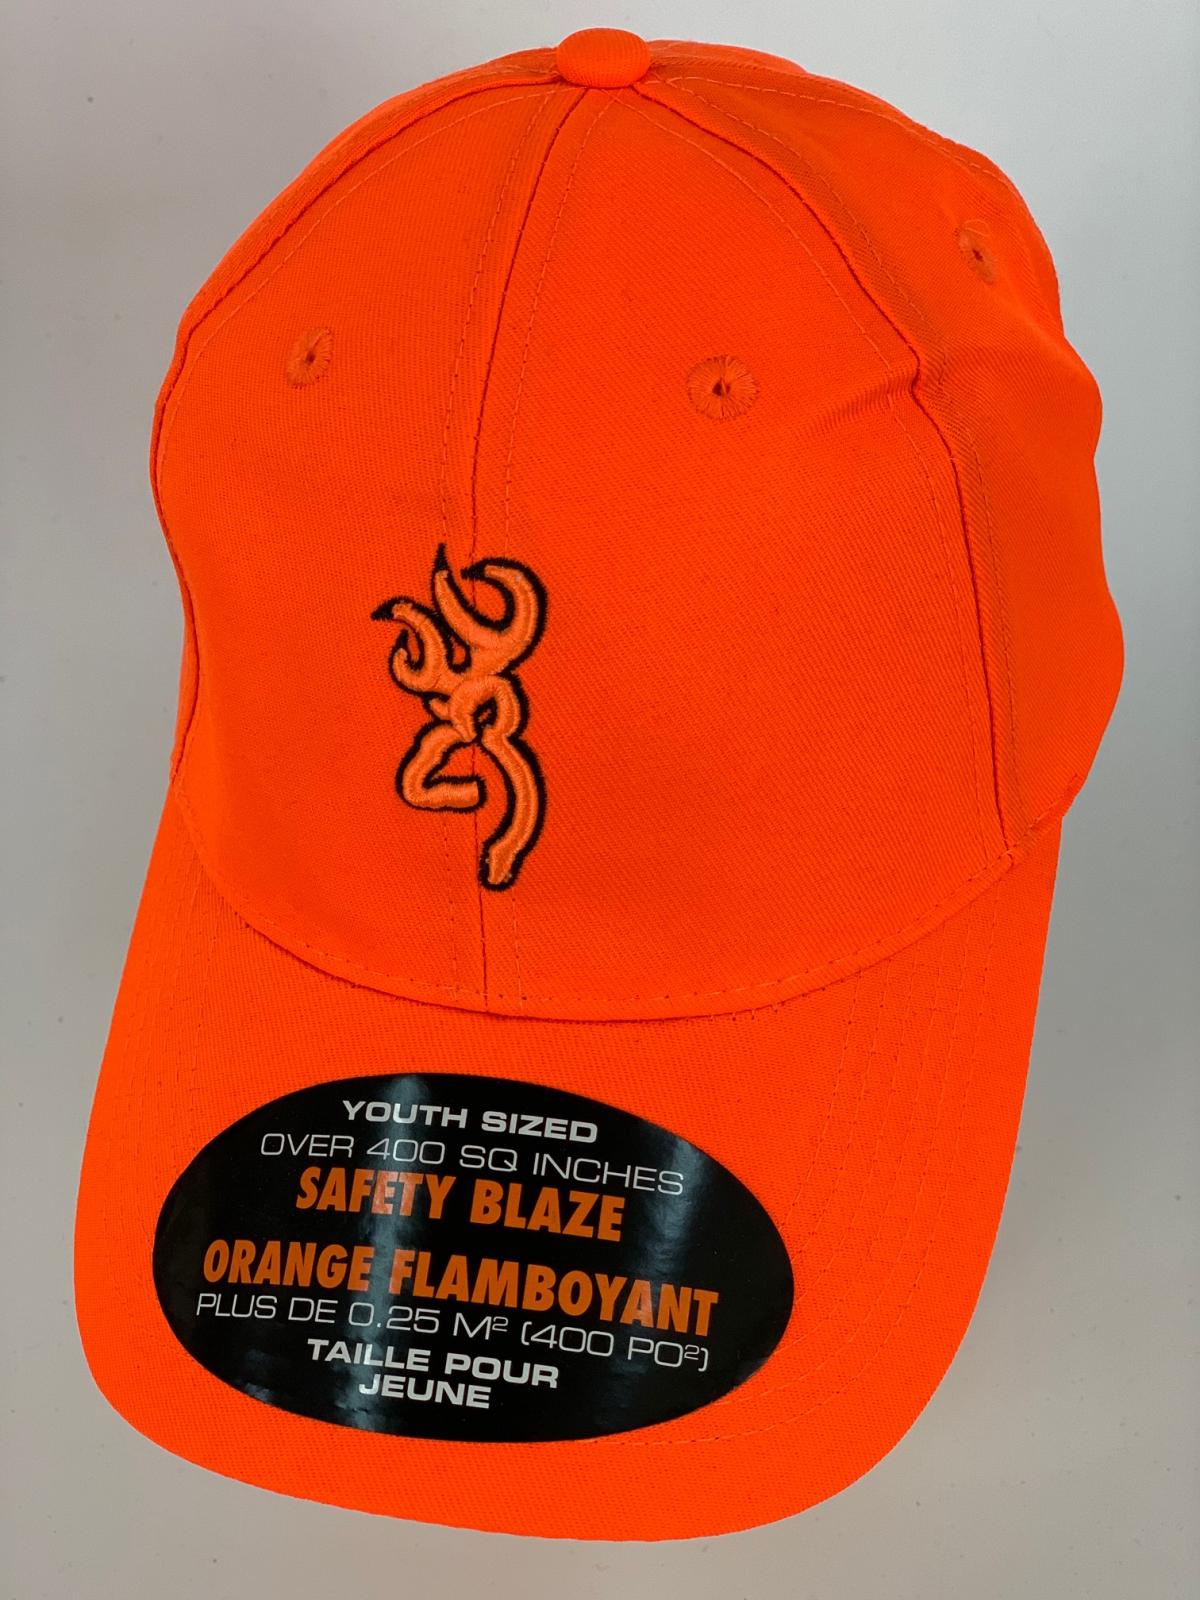 Ярко-оранжевая бейсболка Browning с выпуклой оранжево-черной вышивкой